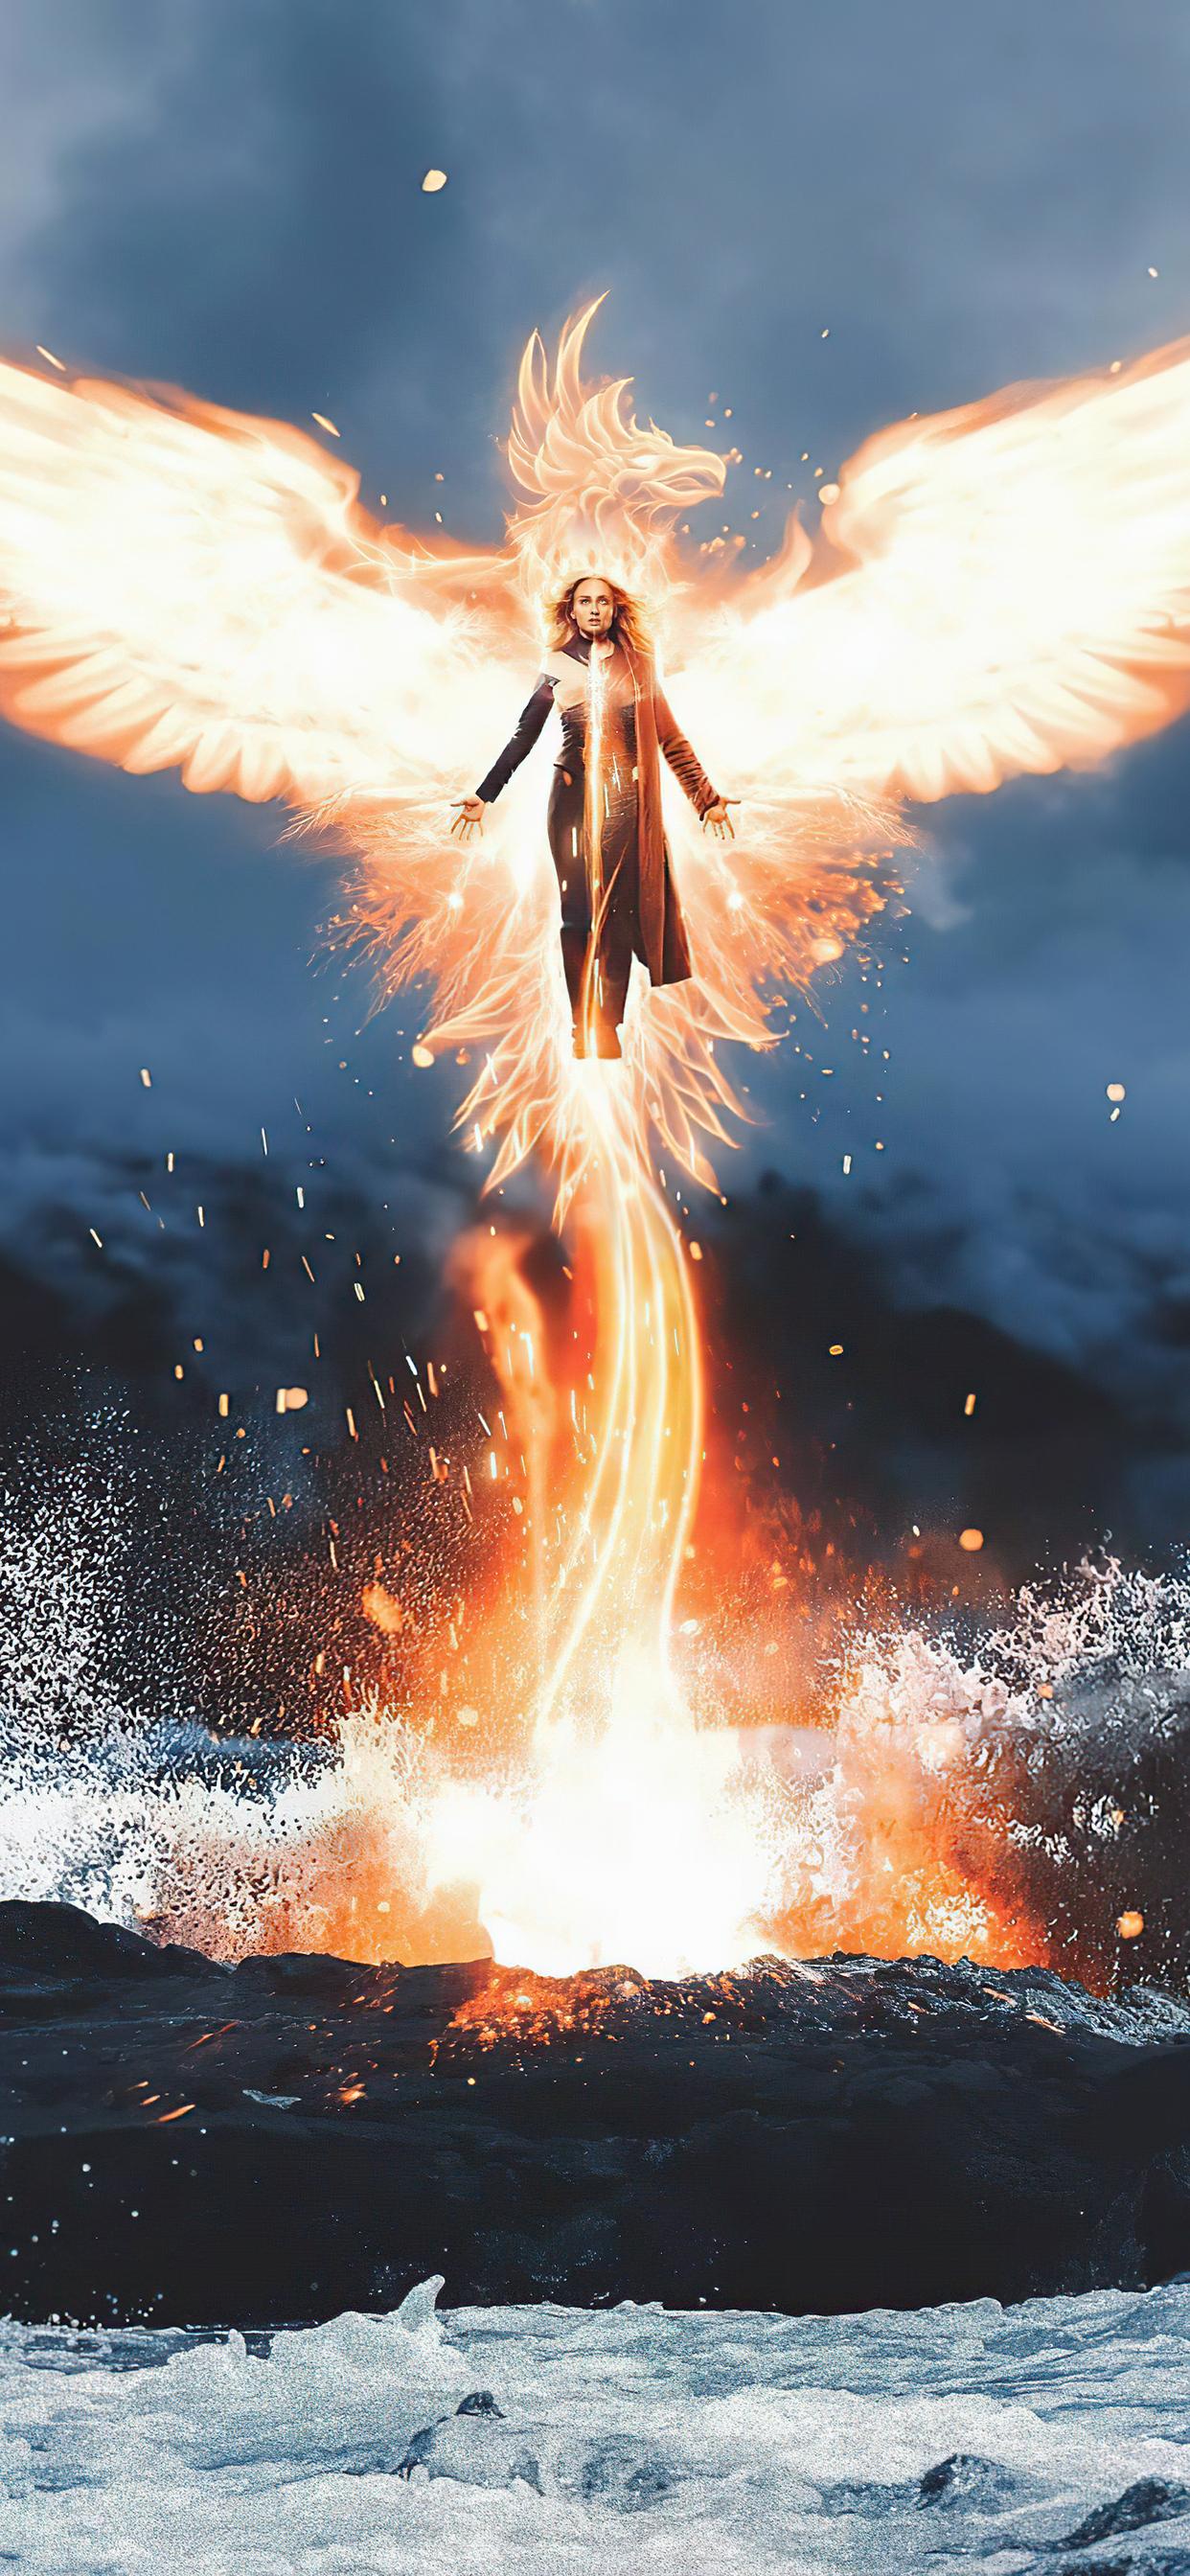 sophie-turner-as-phoenix-fanart-4k-5y.jpg